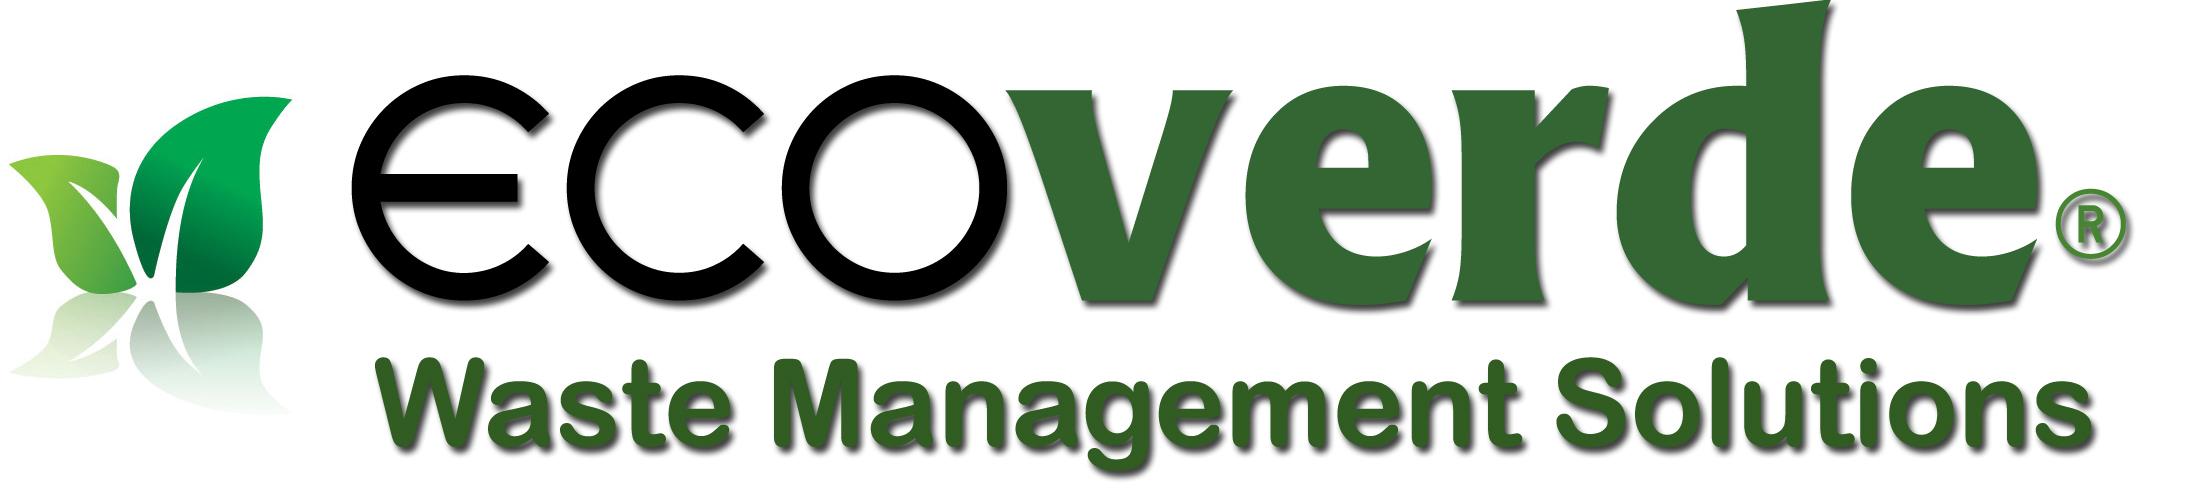 LOGO ECO VERDE waste management ENG copy